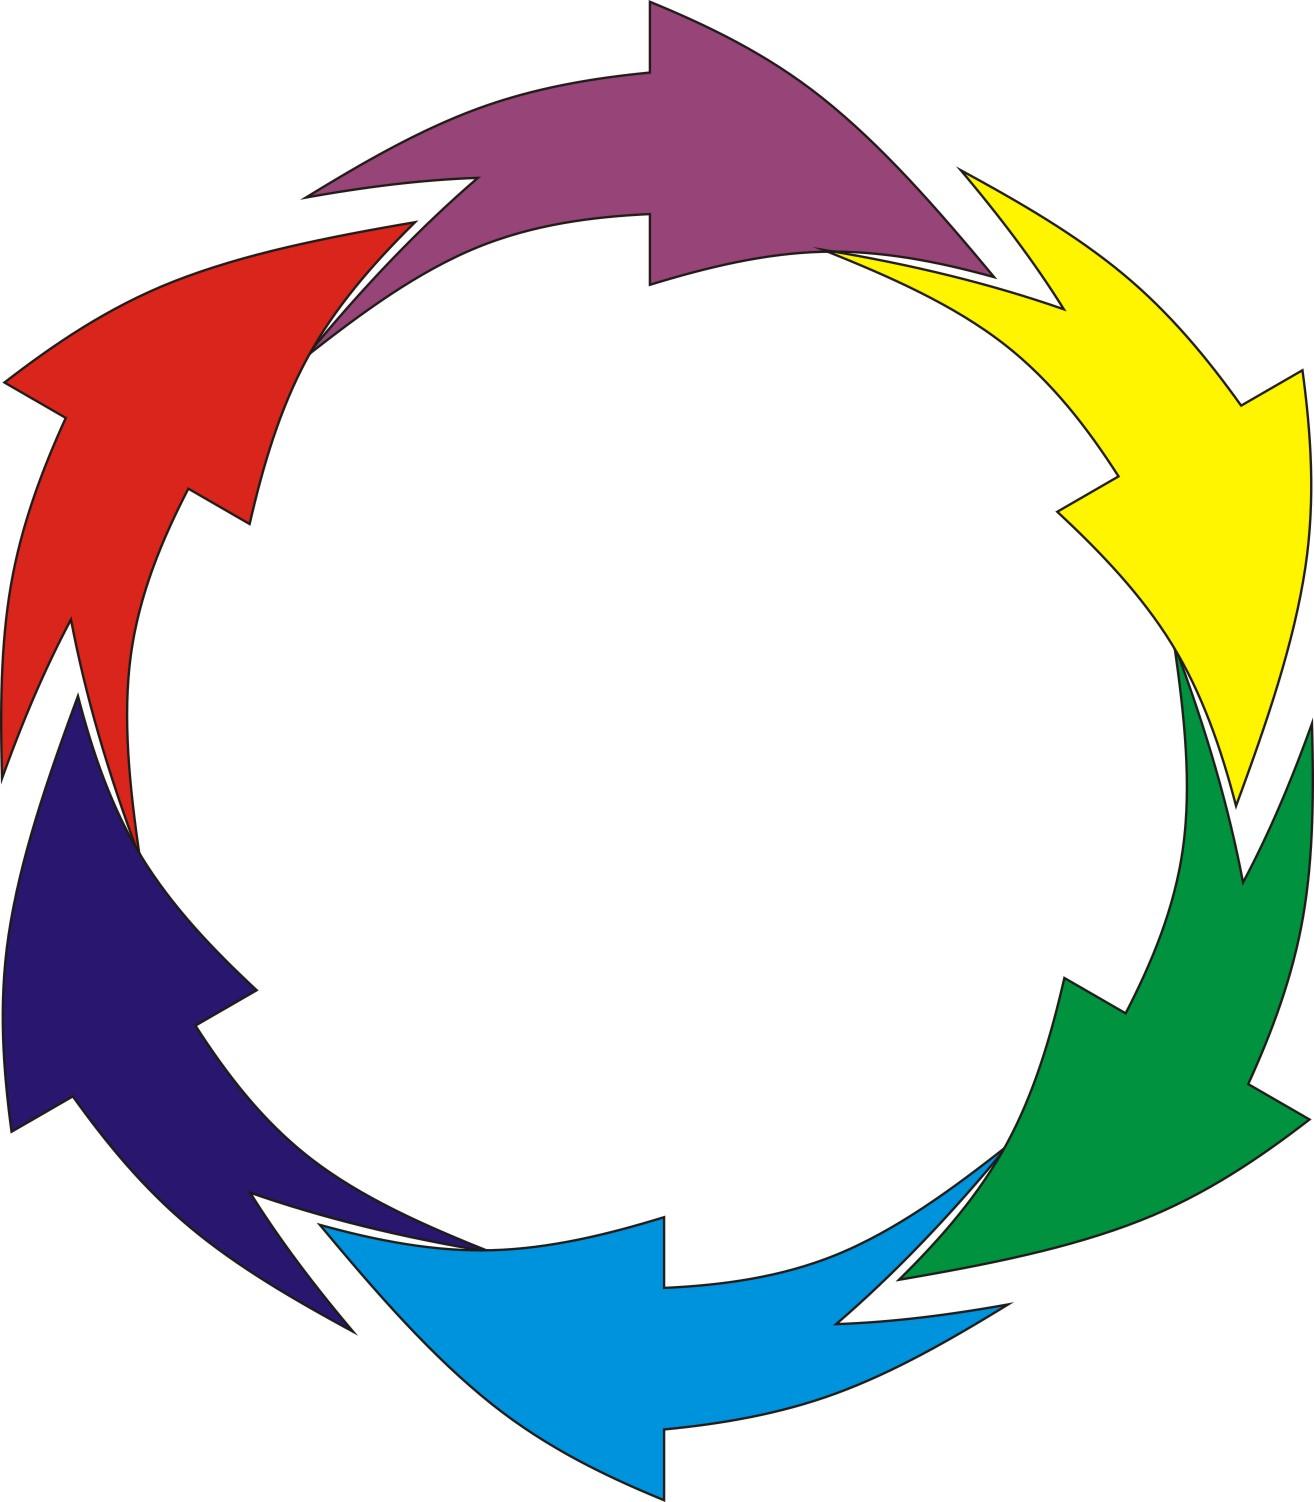 平面设计师--[区版:samohu] coreldraw → cdr里7个箭头环形循环怎么